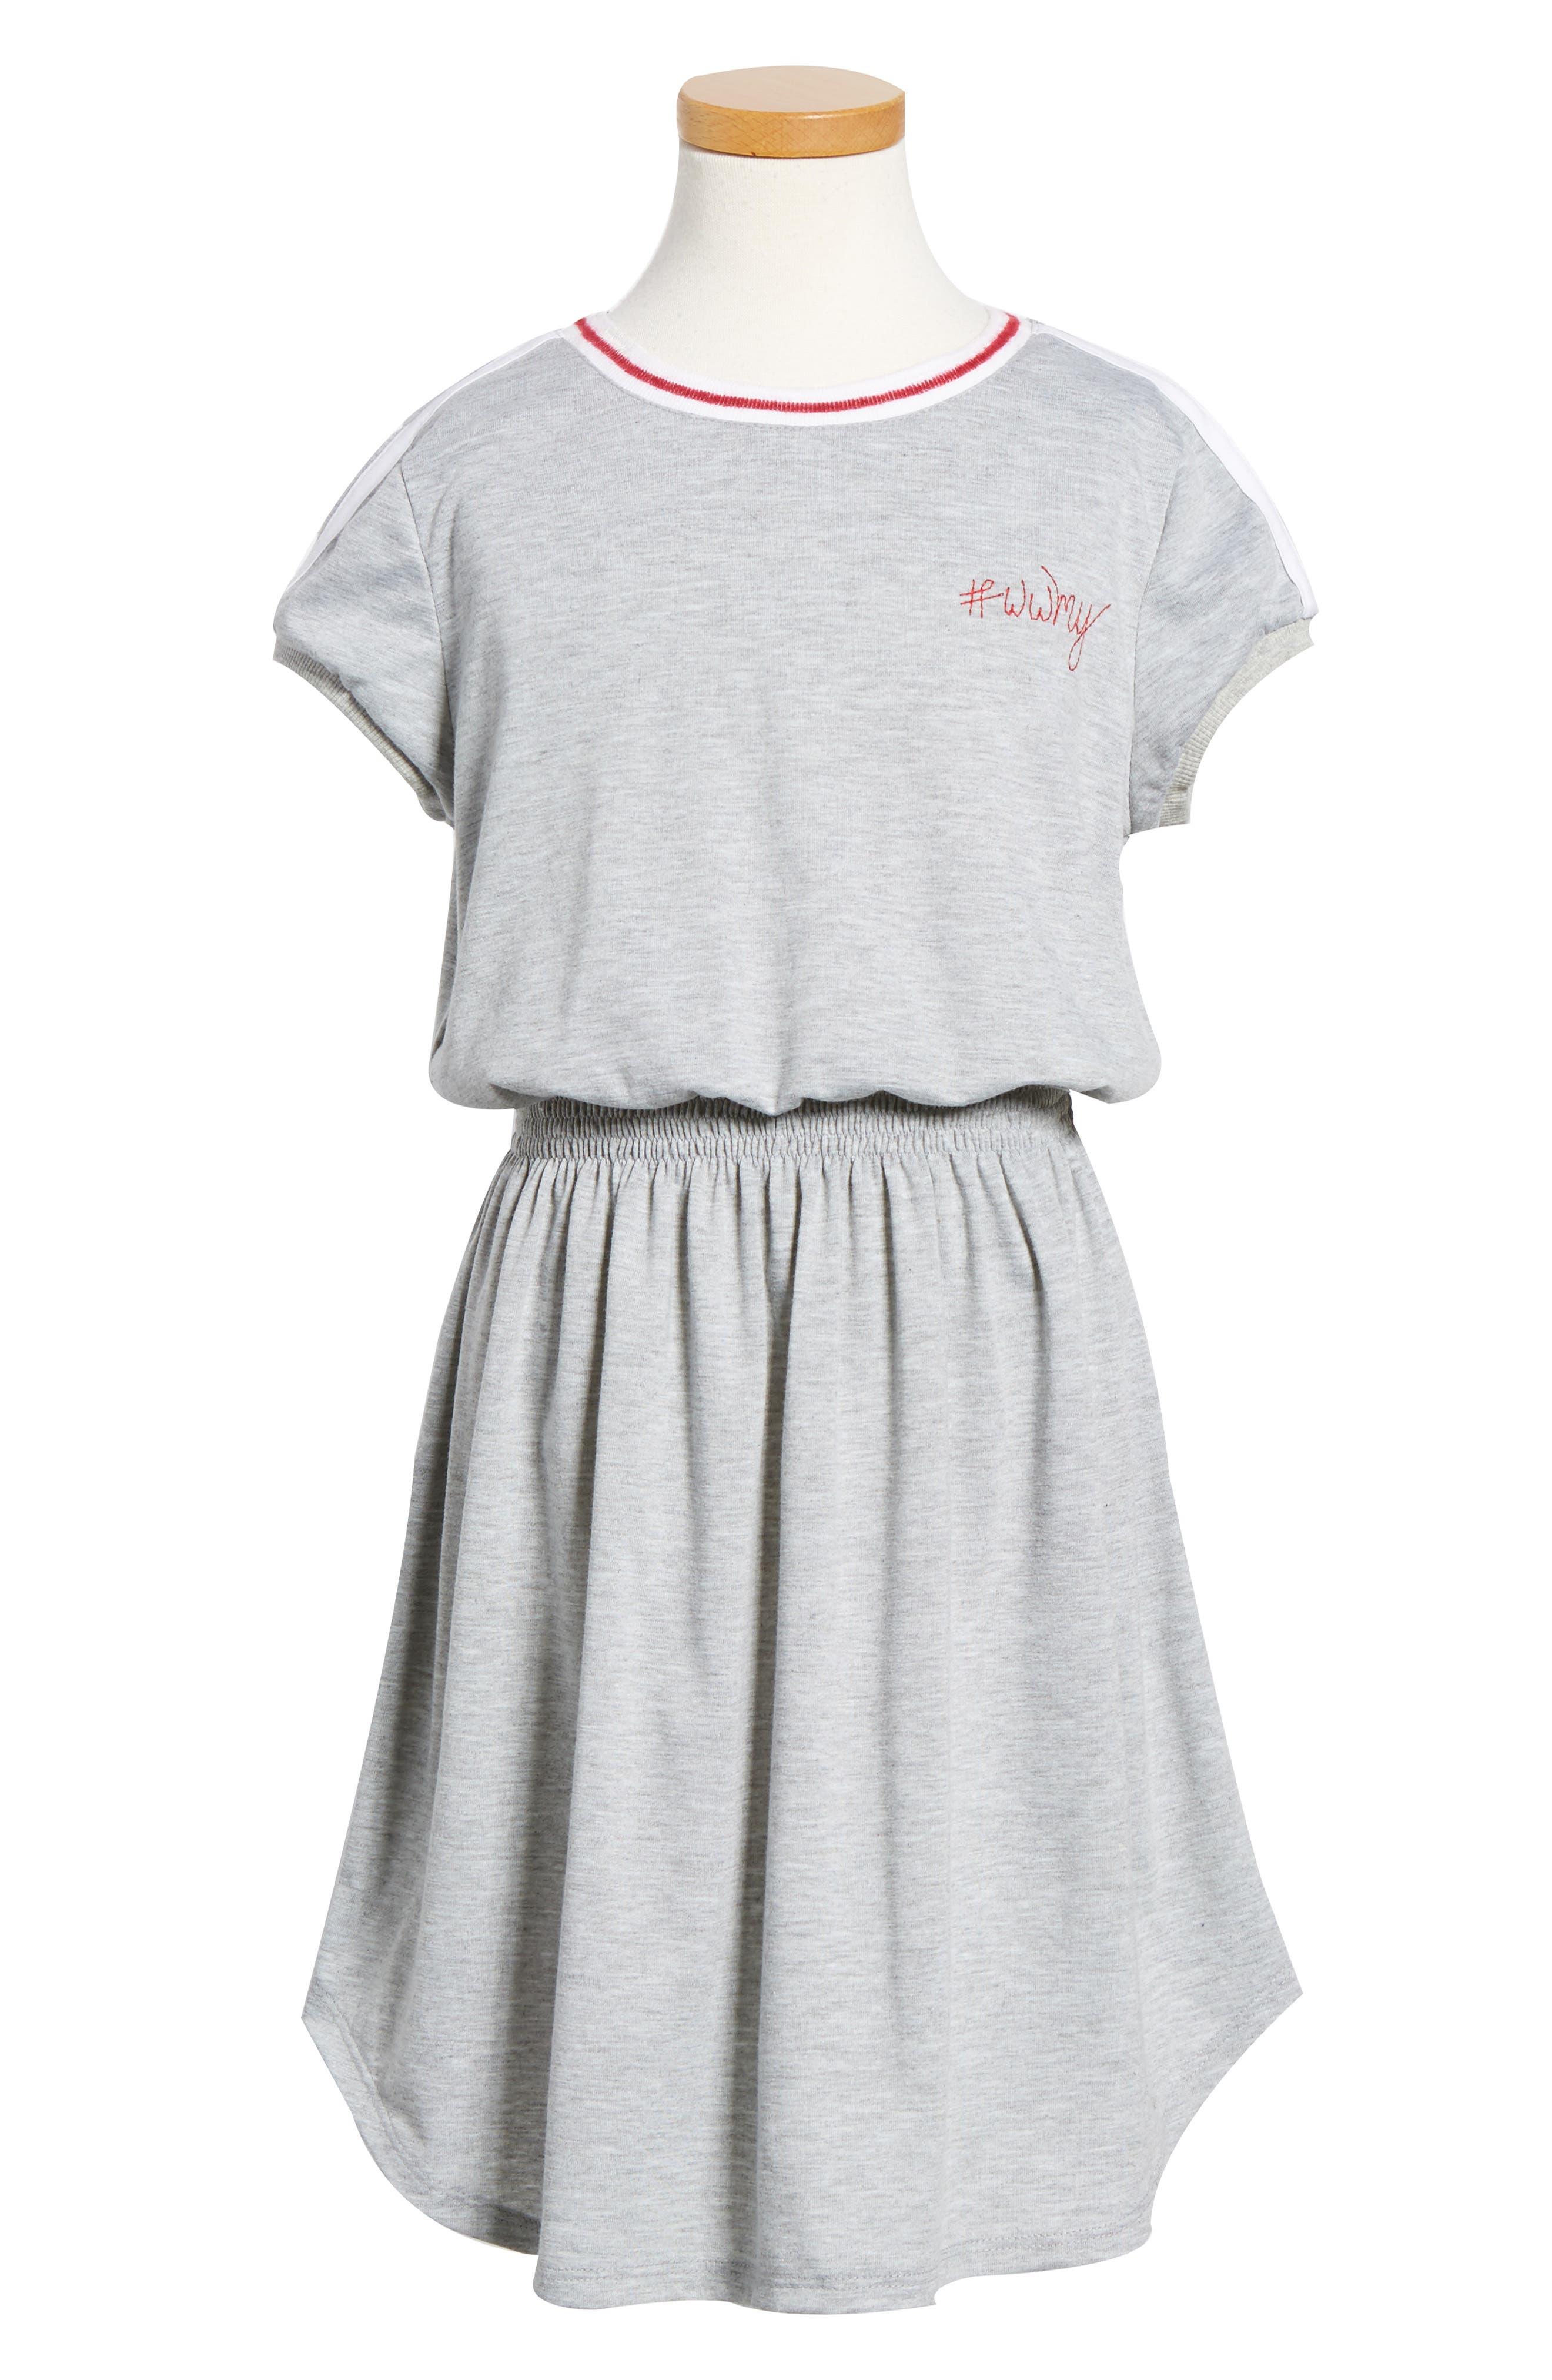 Main Image - Maddie Knit Dress (Big Girls)